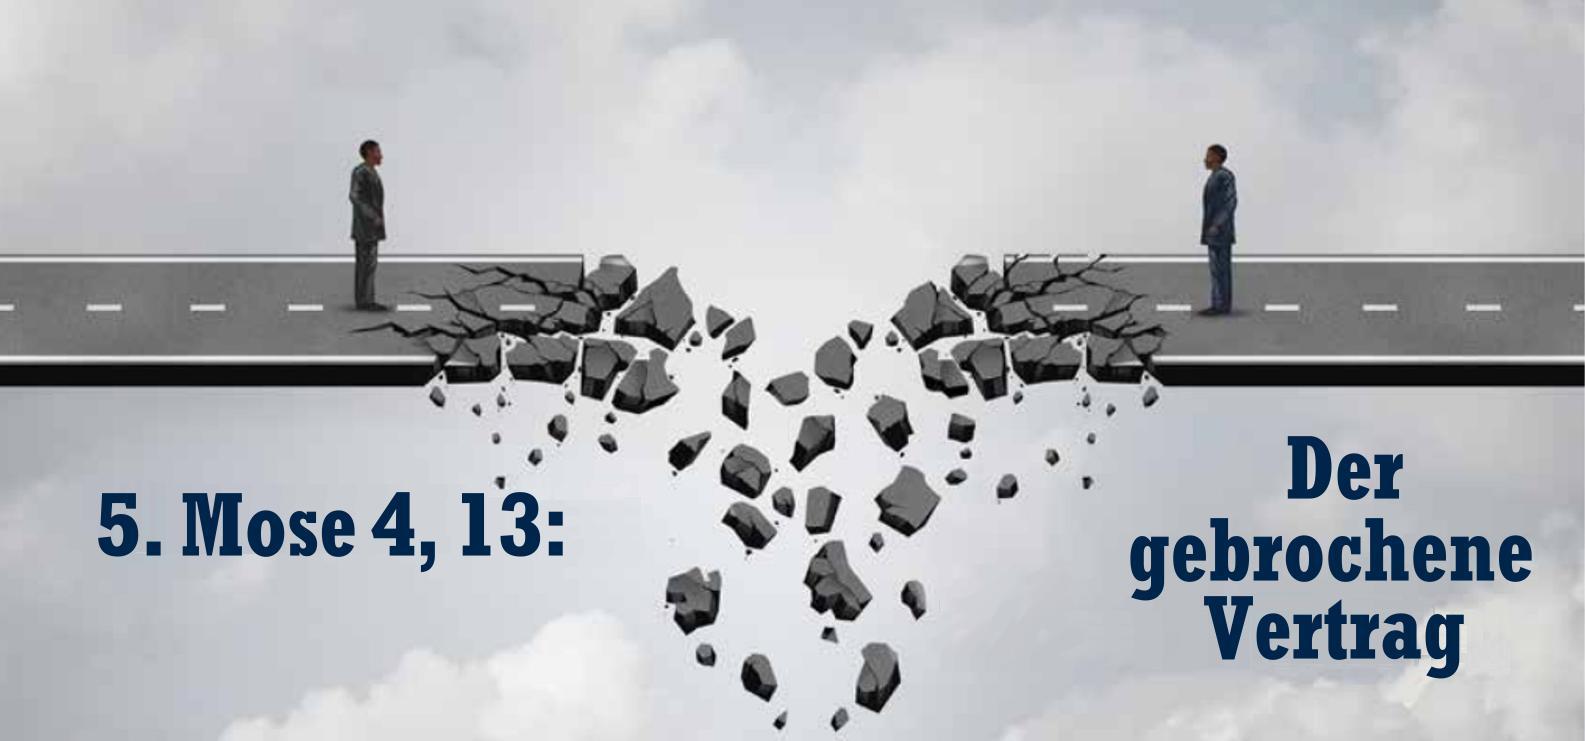 5. Mose 4, 13: Der Gebrochene Vertrag